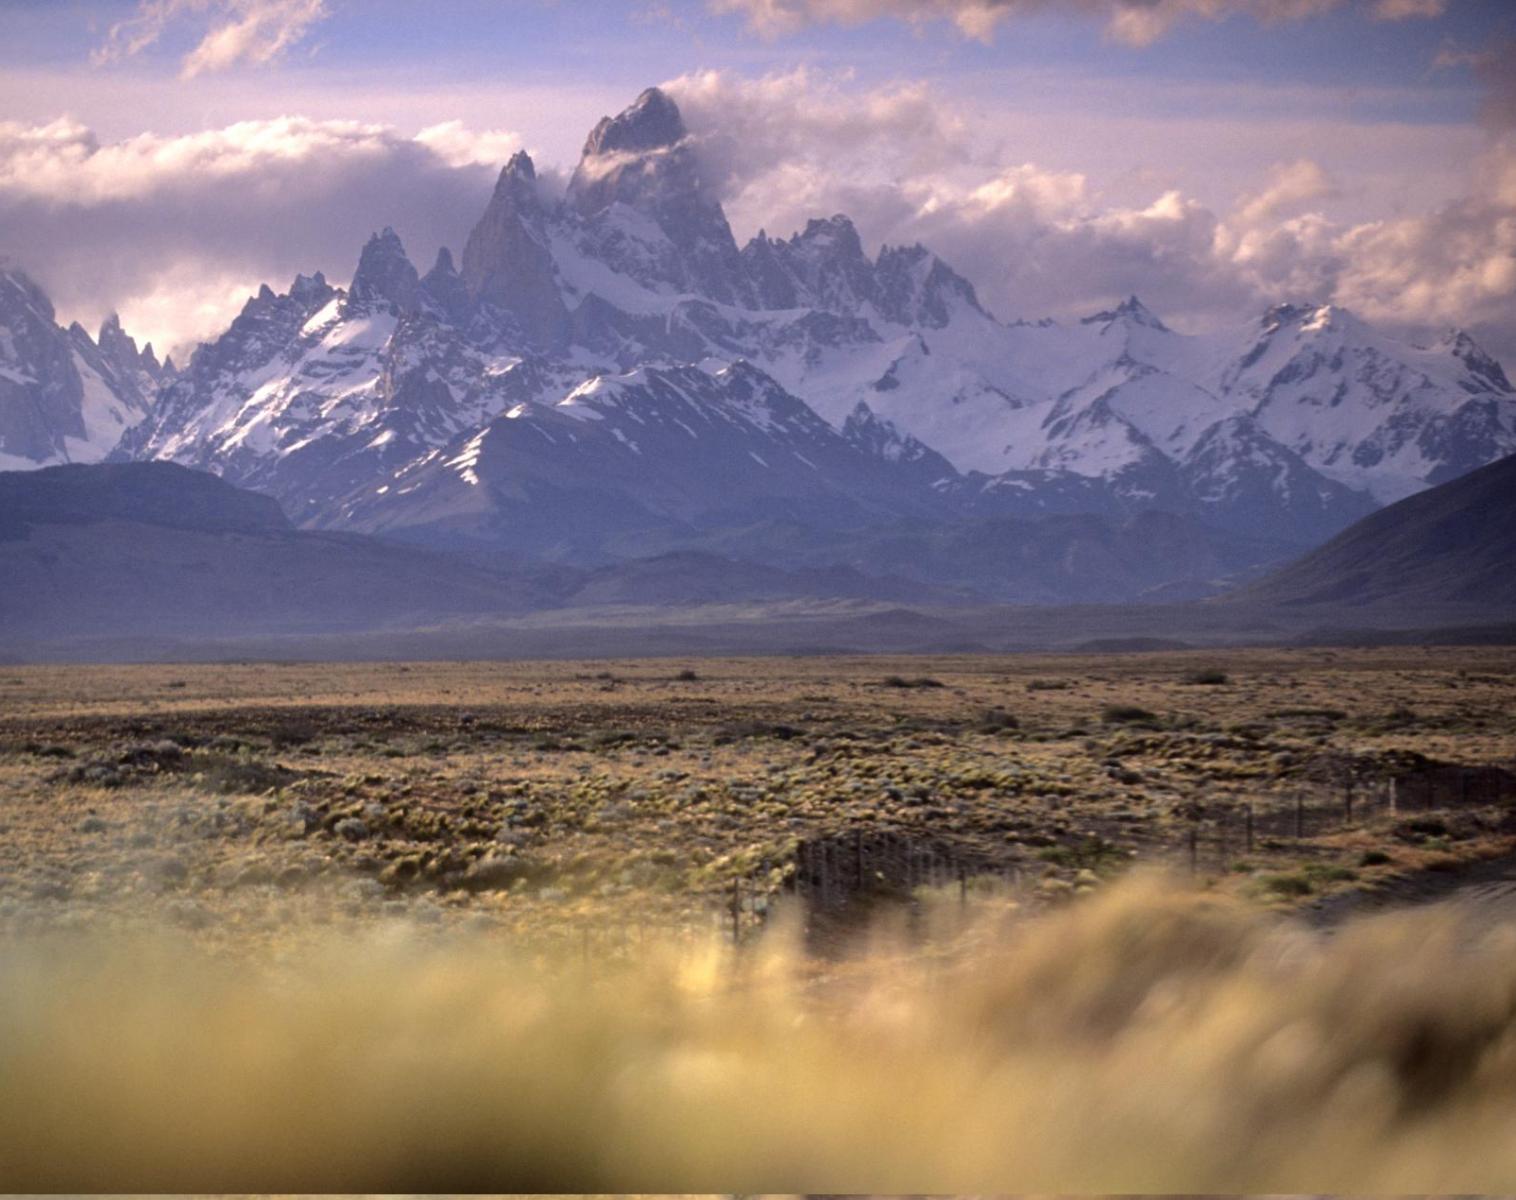 Patagonie  L'Odyssée Andine Etape 8 : Patagonie, la grande découverte   Découverte Trek & Randonnée Photo Balade nature Rencontres et cultures du Monde